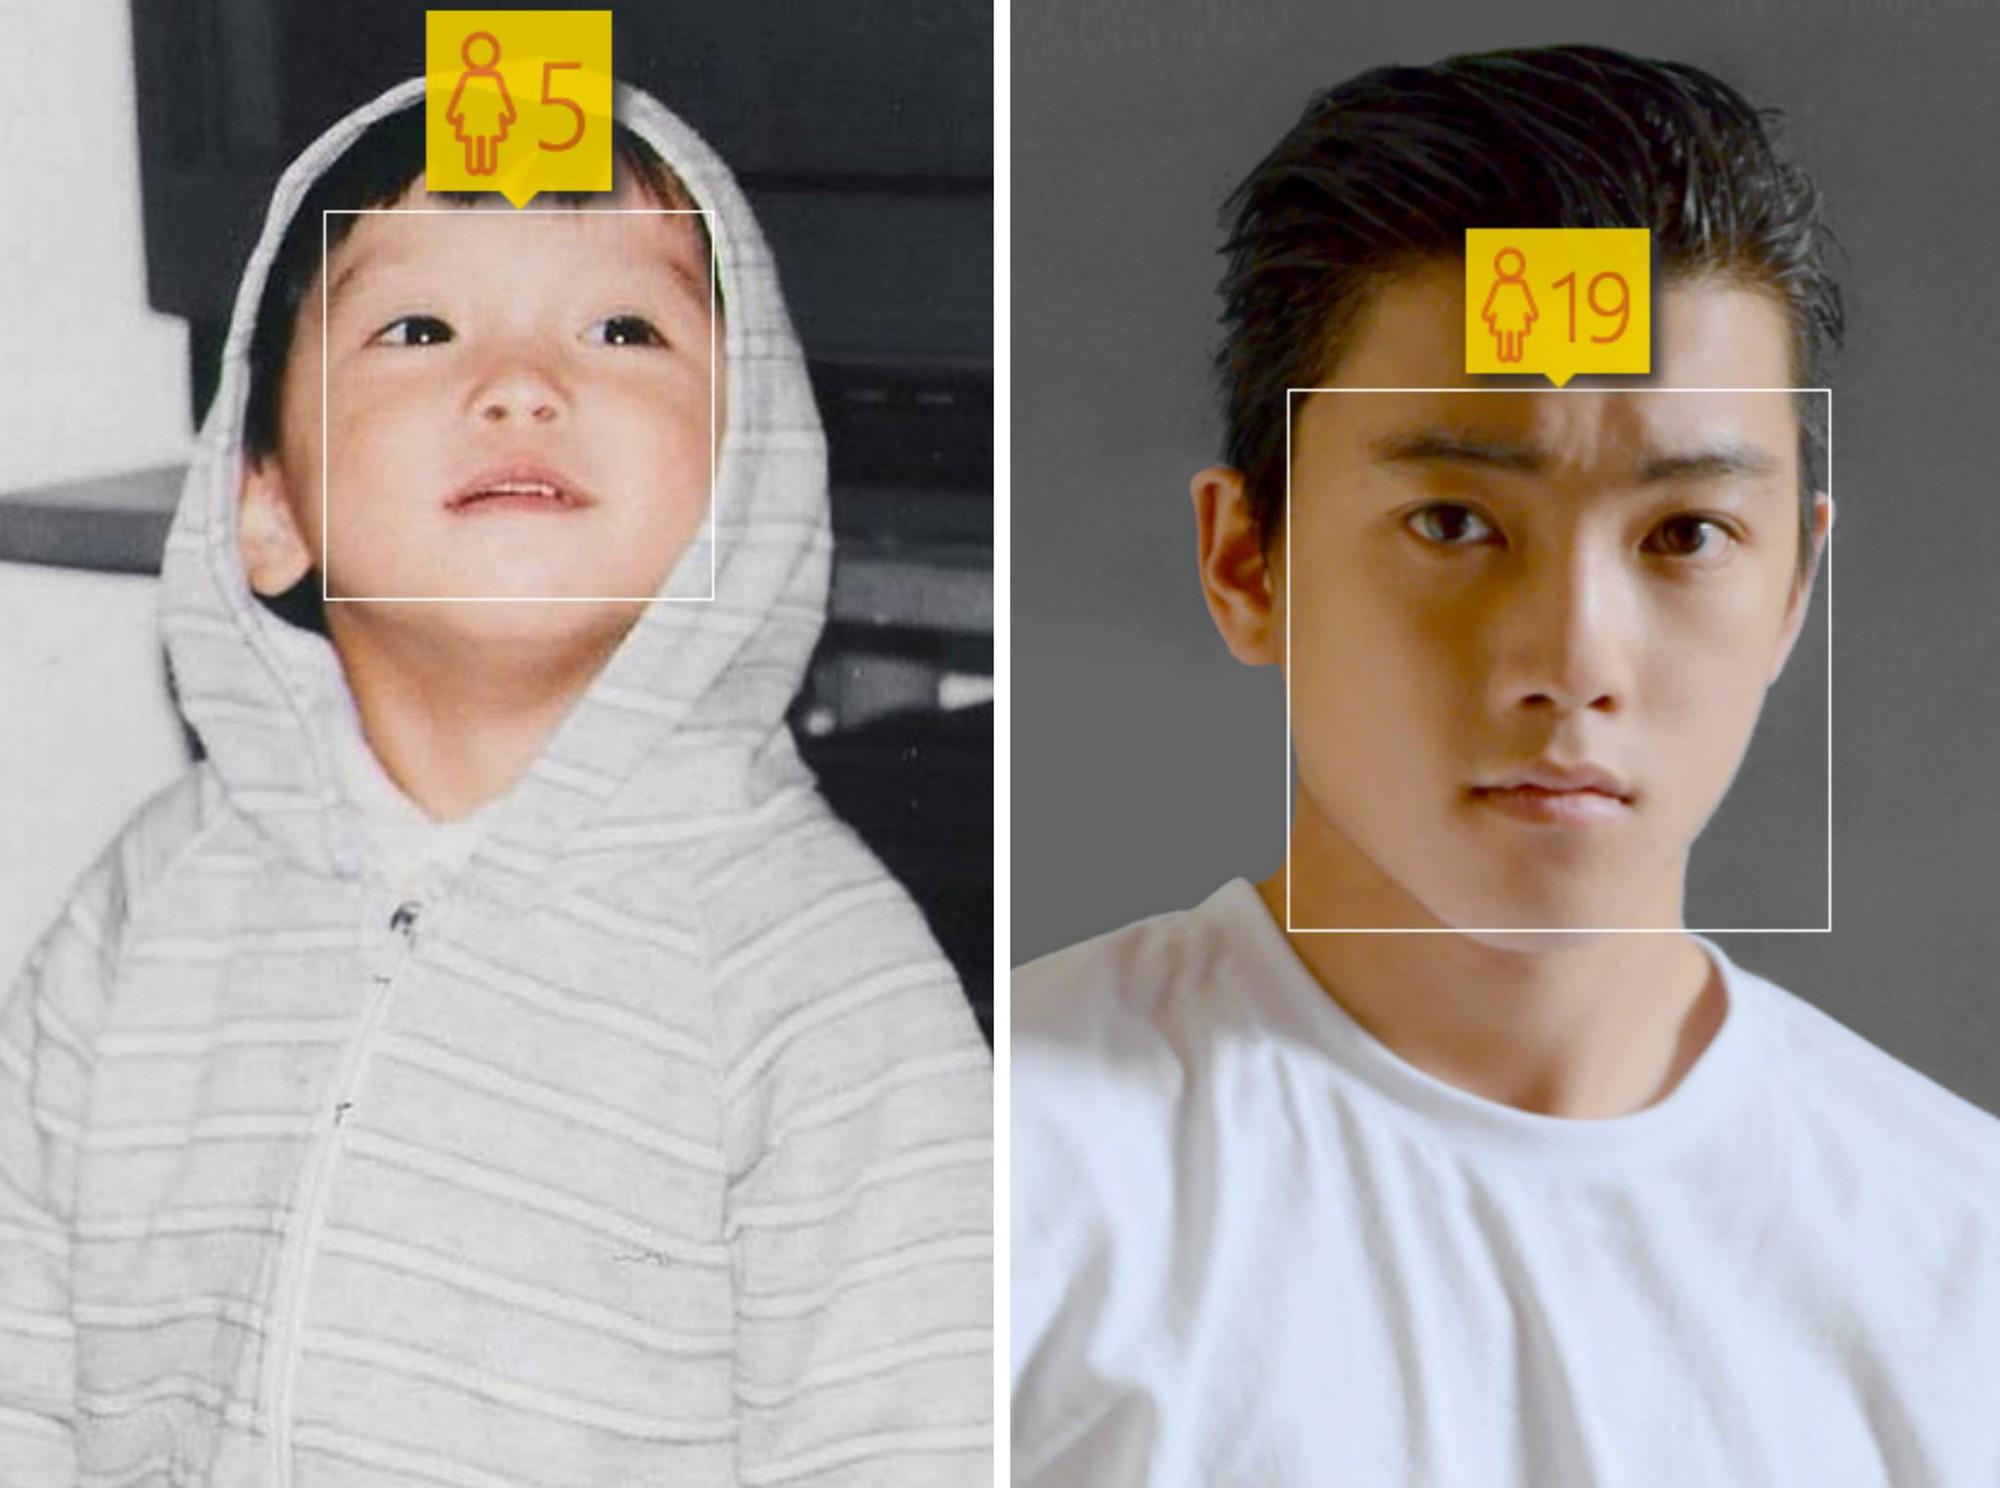 Còn nghi ngờ gì nữa, đây là tuổi thơ dữ dội mà các hot boy Việt chỉ muốn giữ cho riêng mình! - Ảnh 3.